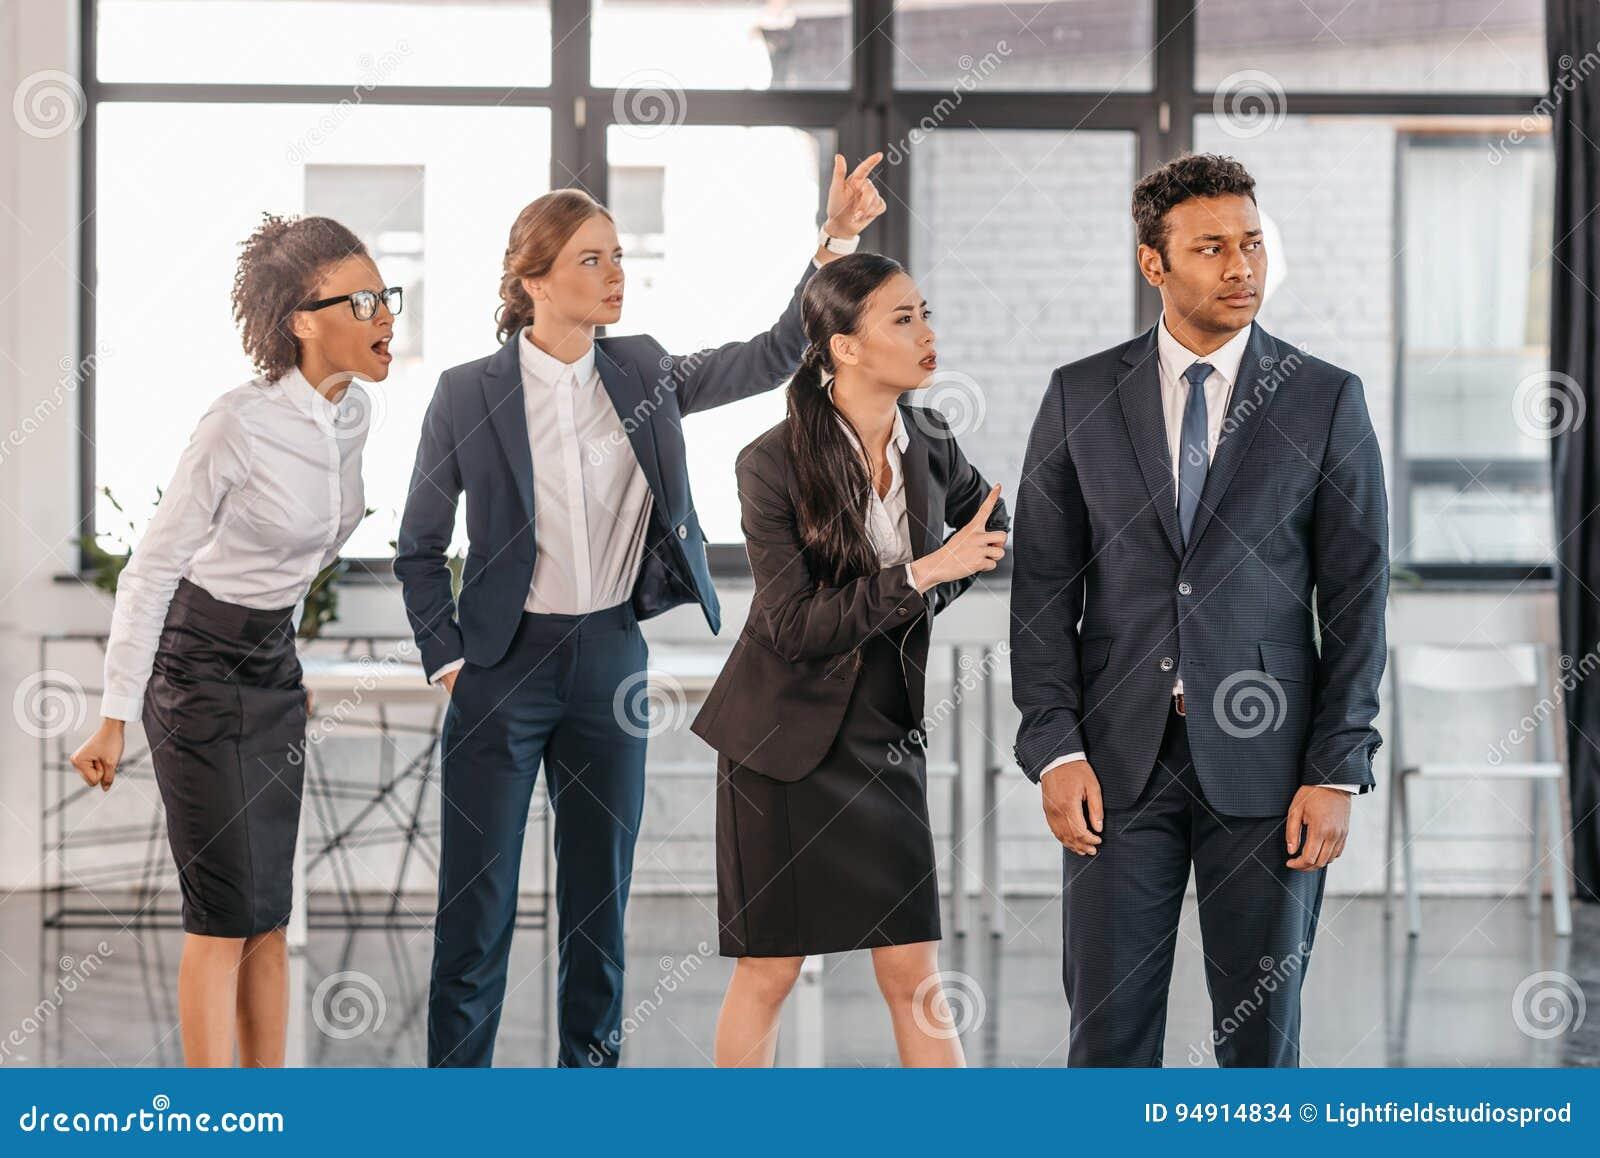 Νέο συναισθηματικό businesspeople στο formalwear διαπληκτισμό στο σύγχρονο γραφείο